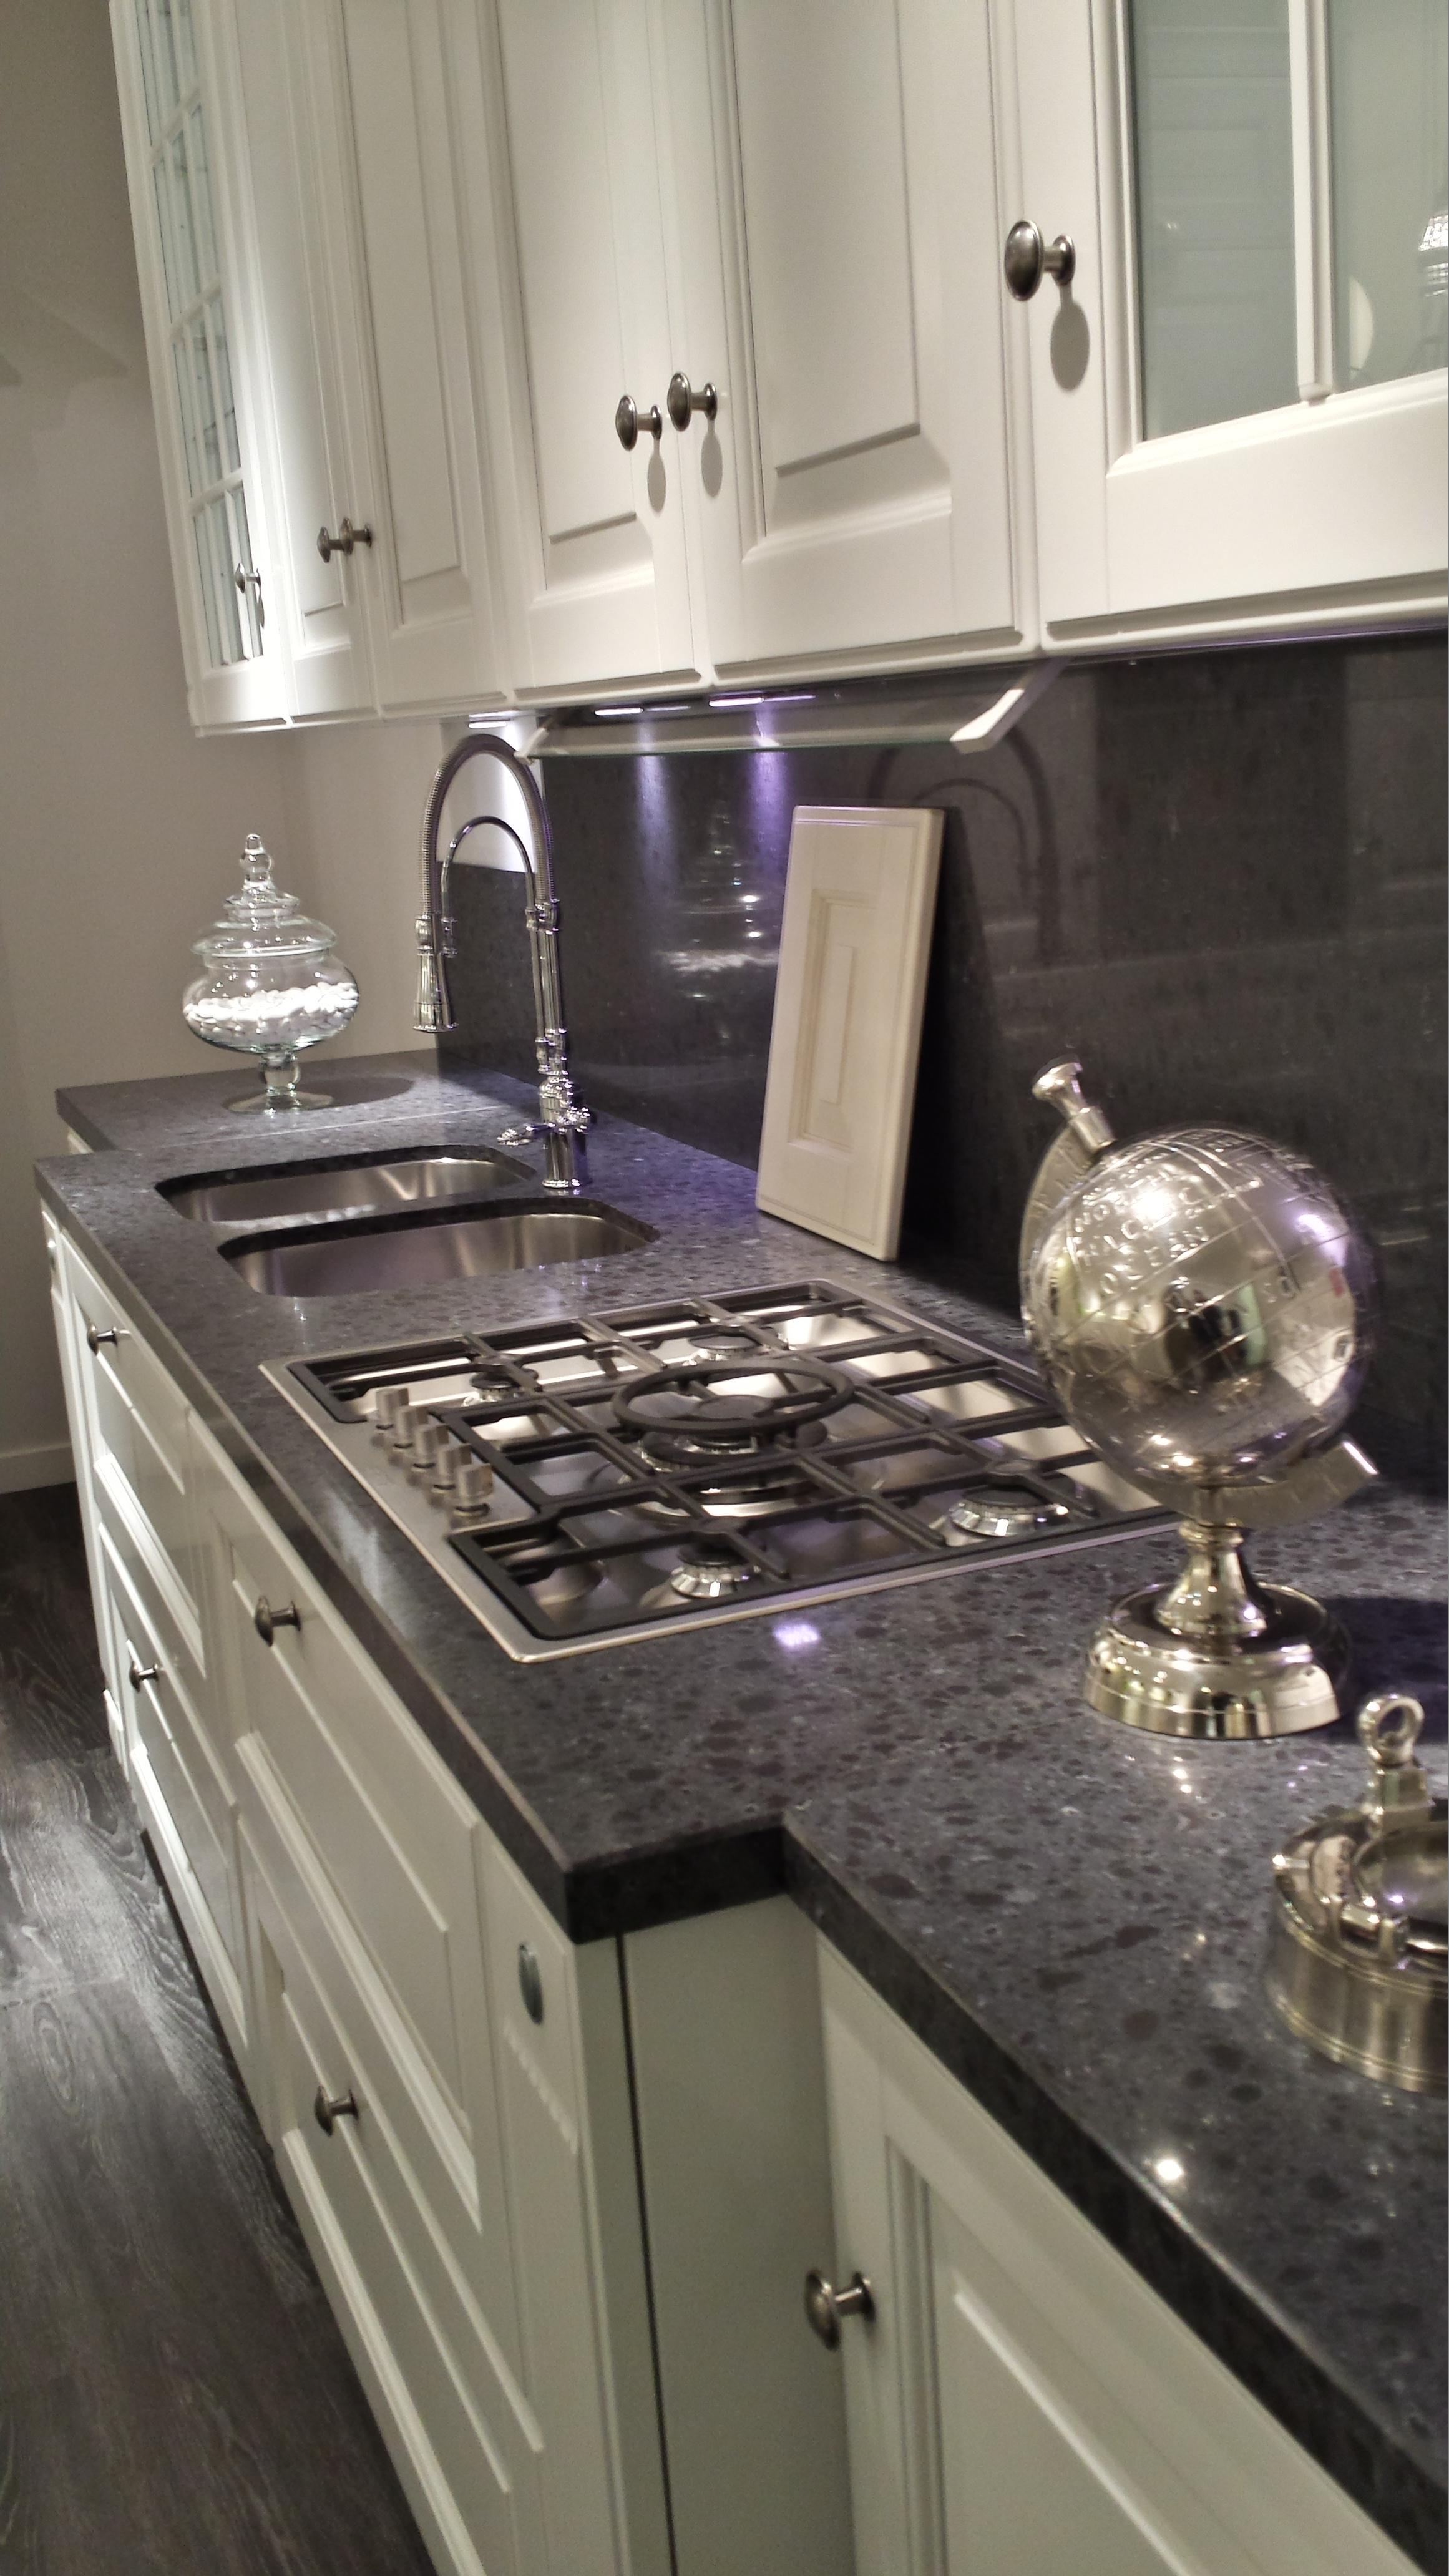 Scavolini cucina baltimora classica laccato opaco bianca - Cucine 3 metri scavolini ...